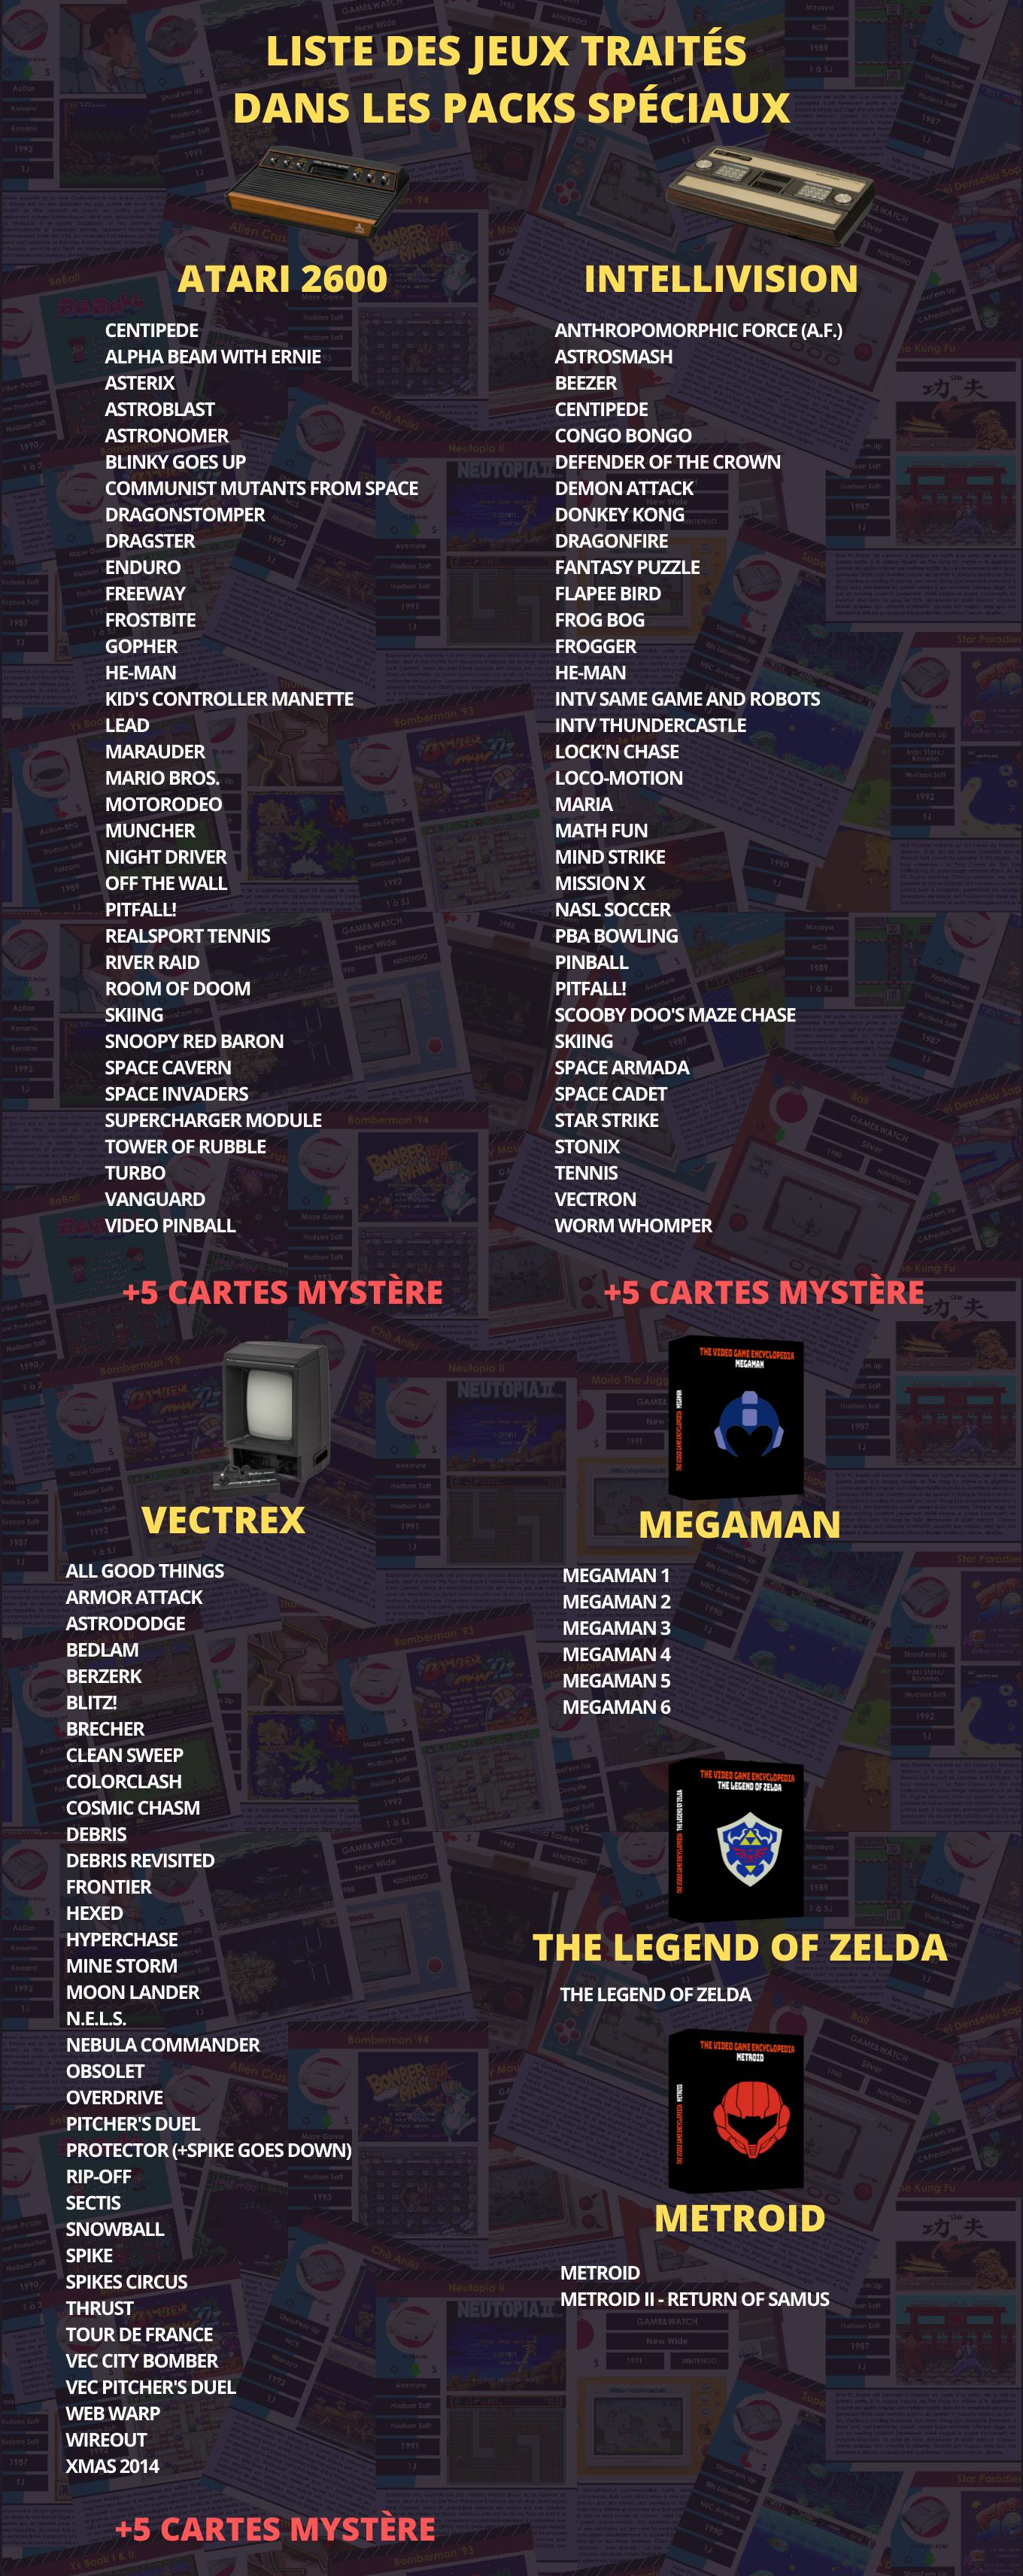 Liste des jeux traités dans les packs spéciaux de l'encyclopédie du jeu vidéo